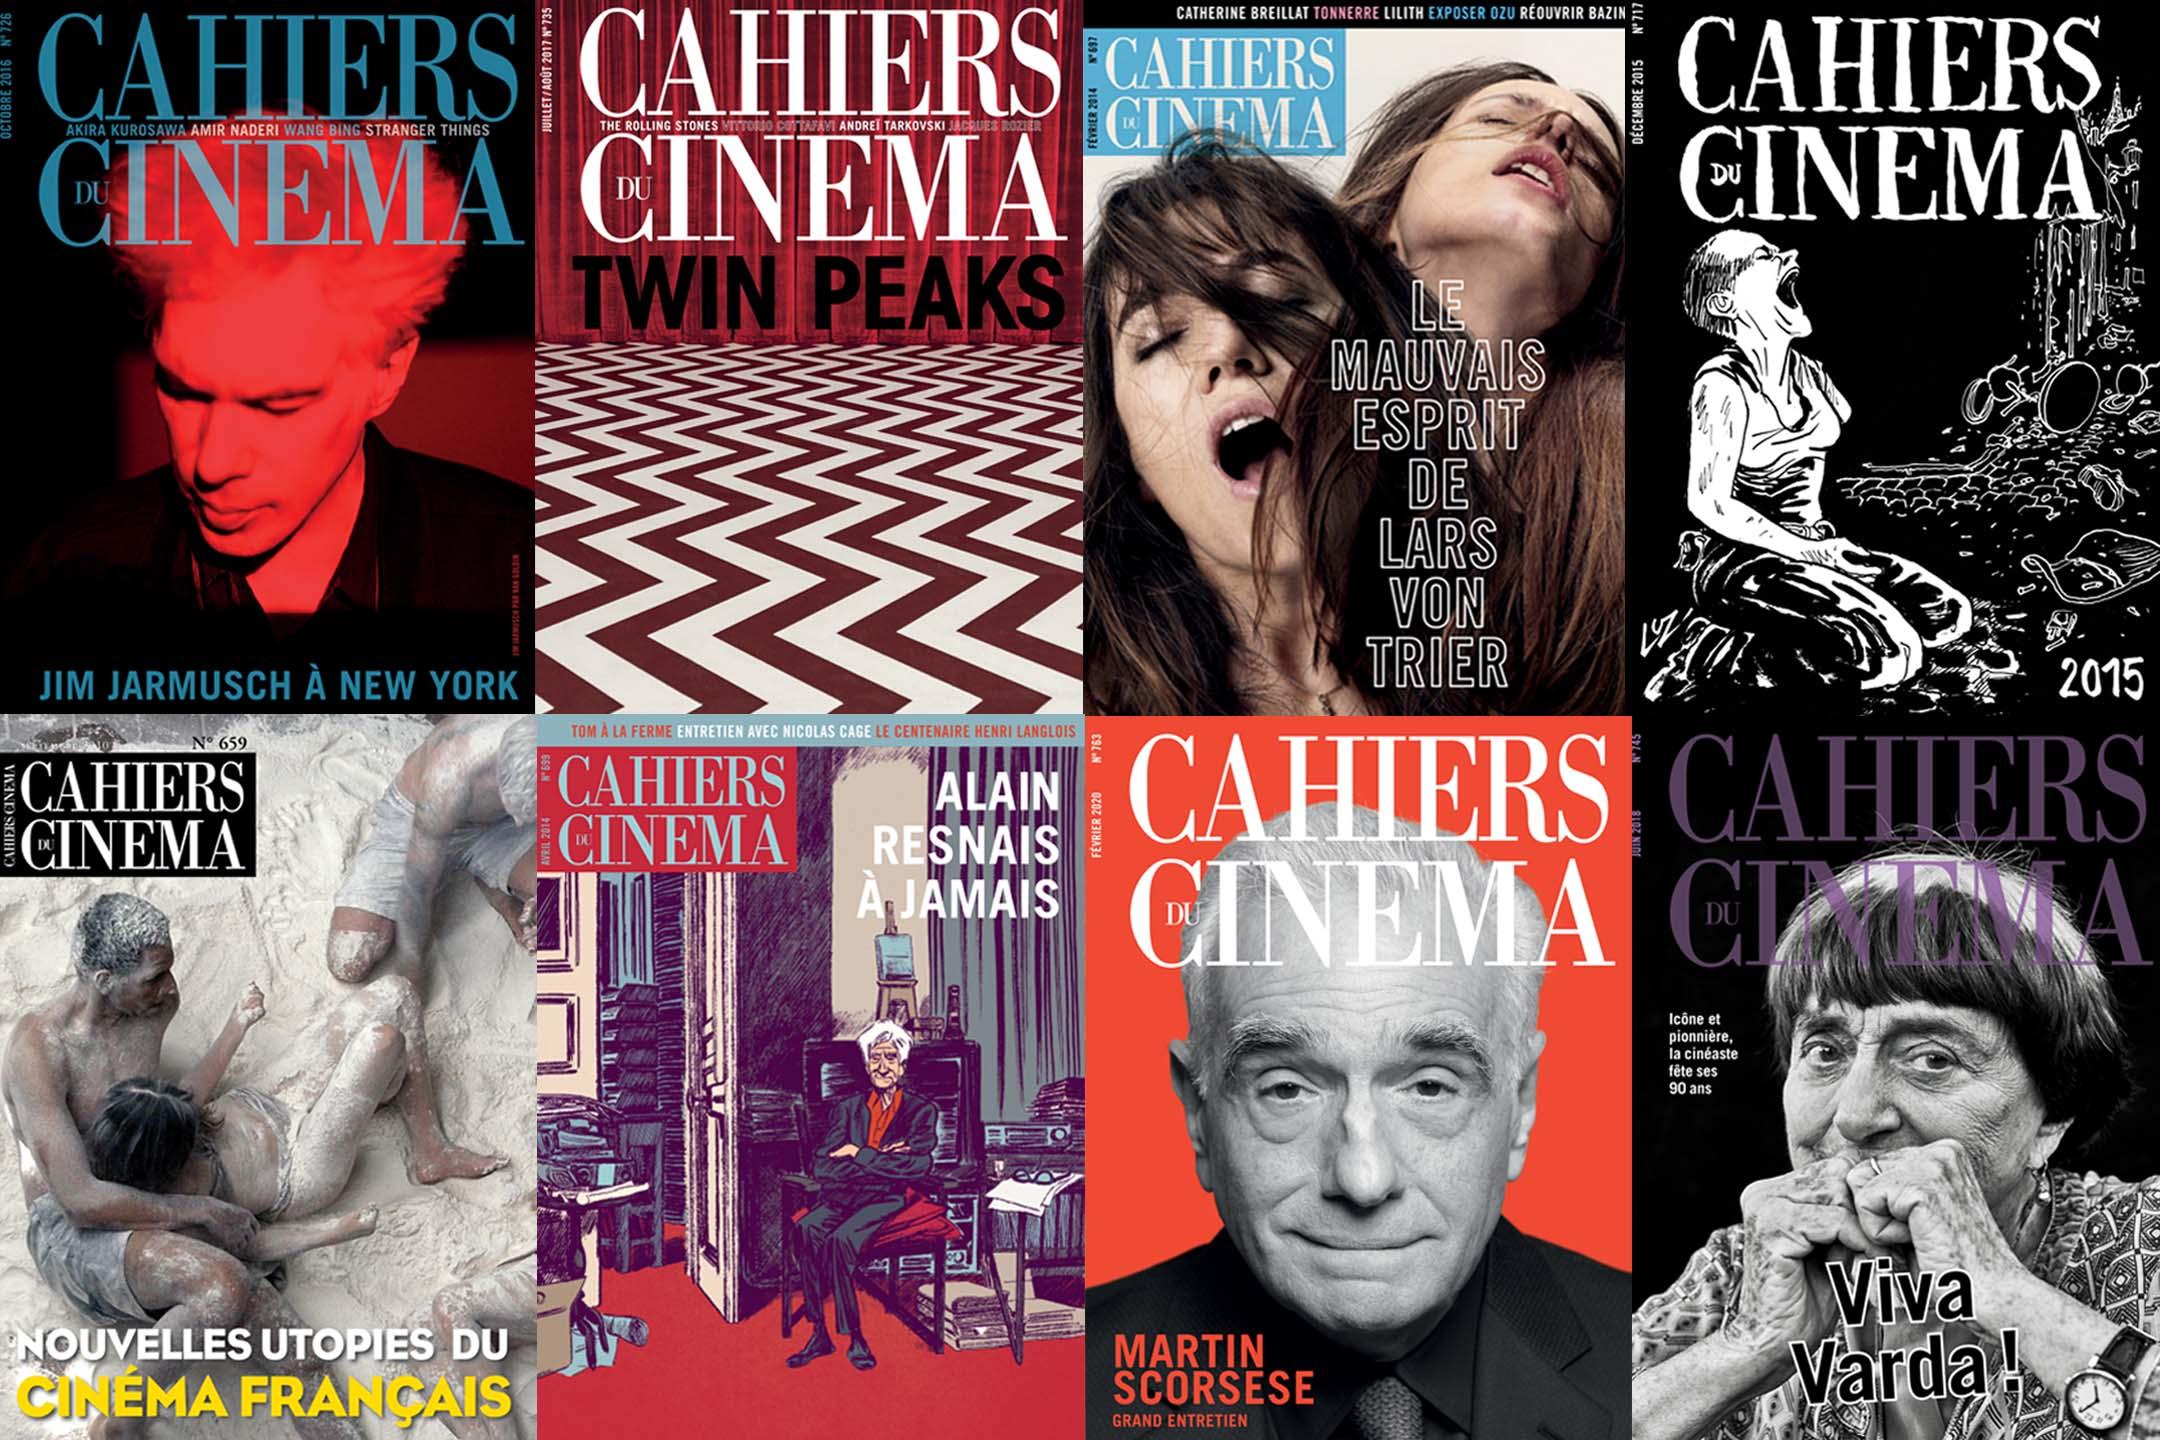 《電影手册》封面。 圖:網上圖片